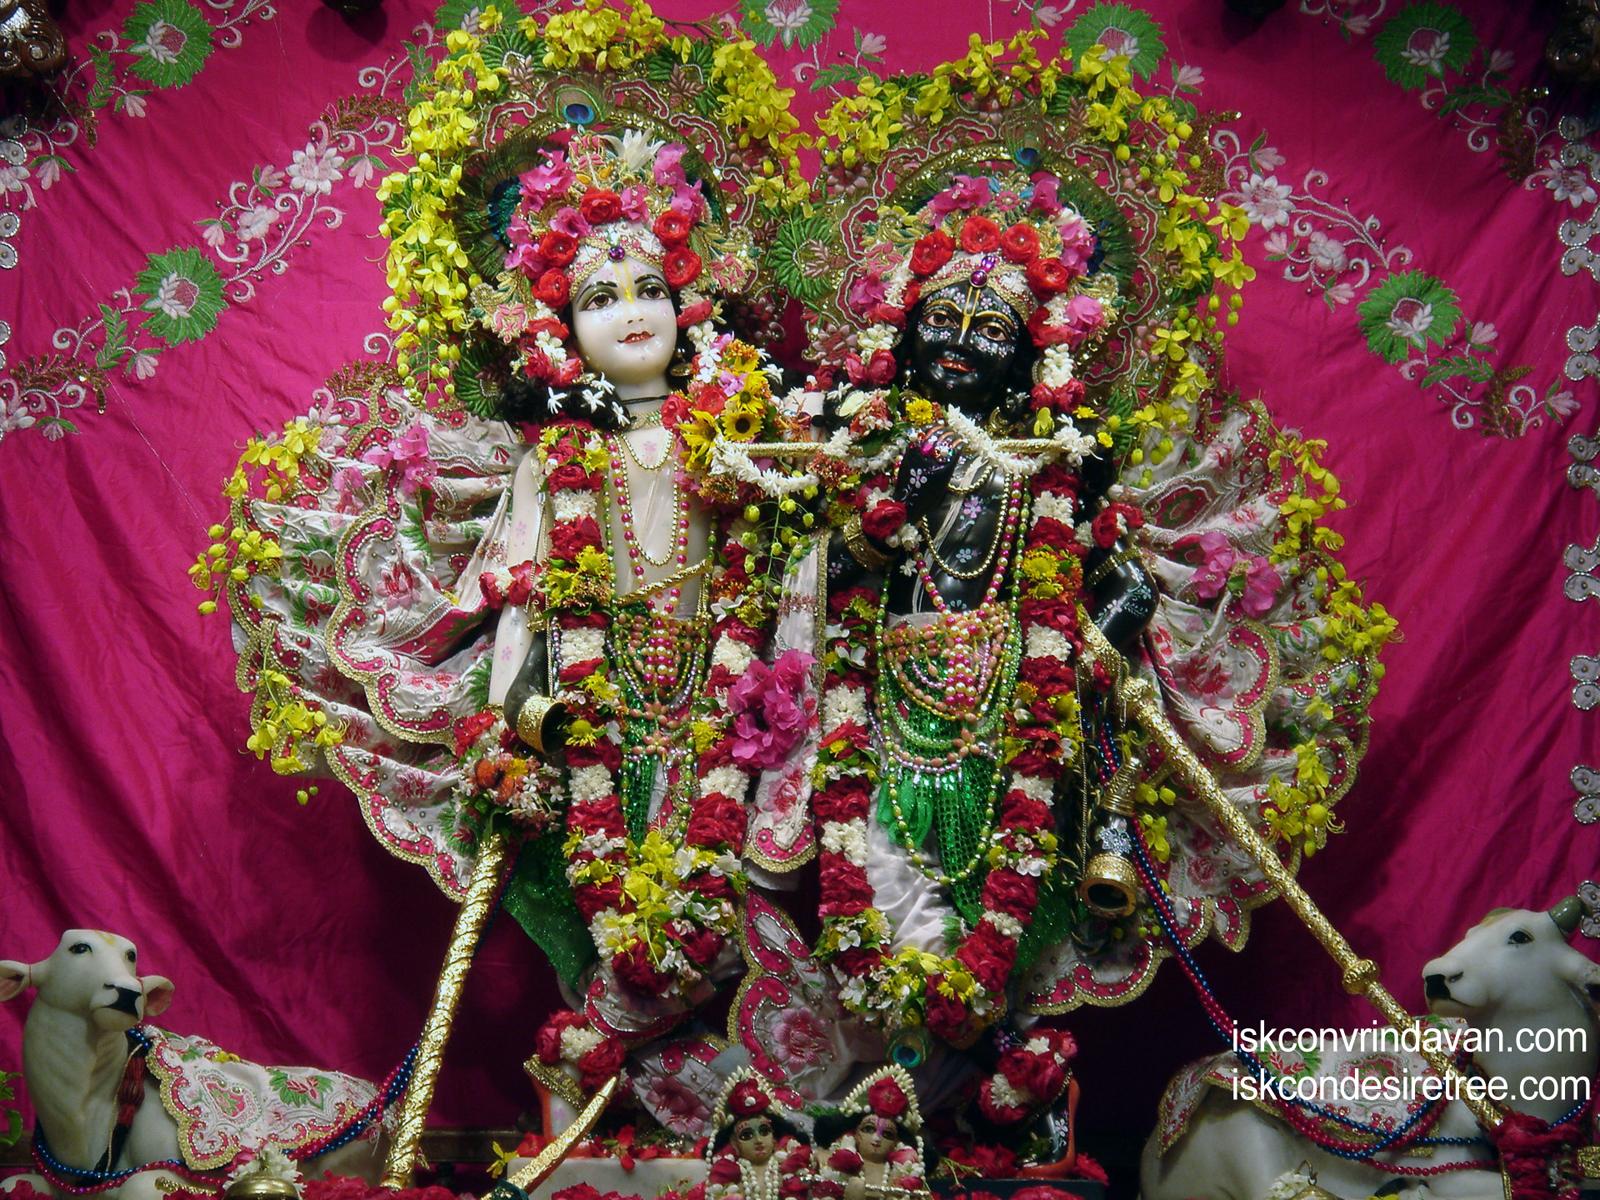 Sri Sri Krishna Balaram Wallpaper (010) Size1600x1200 Download